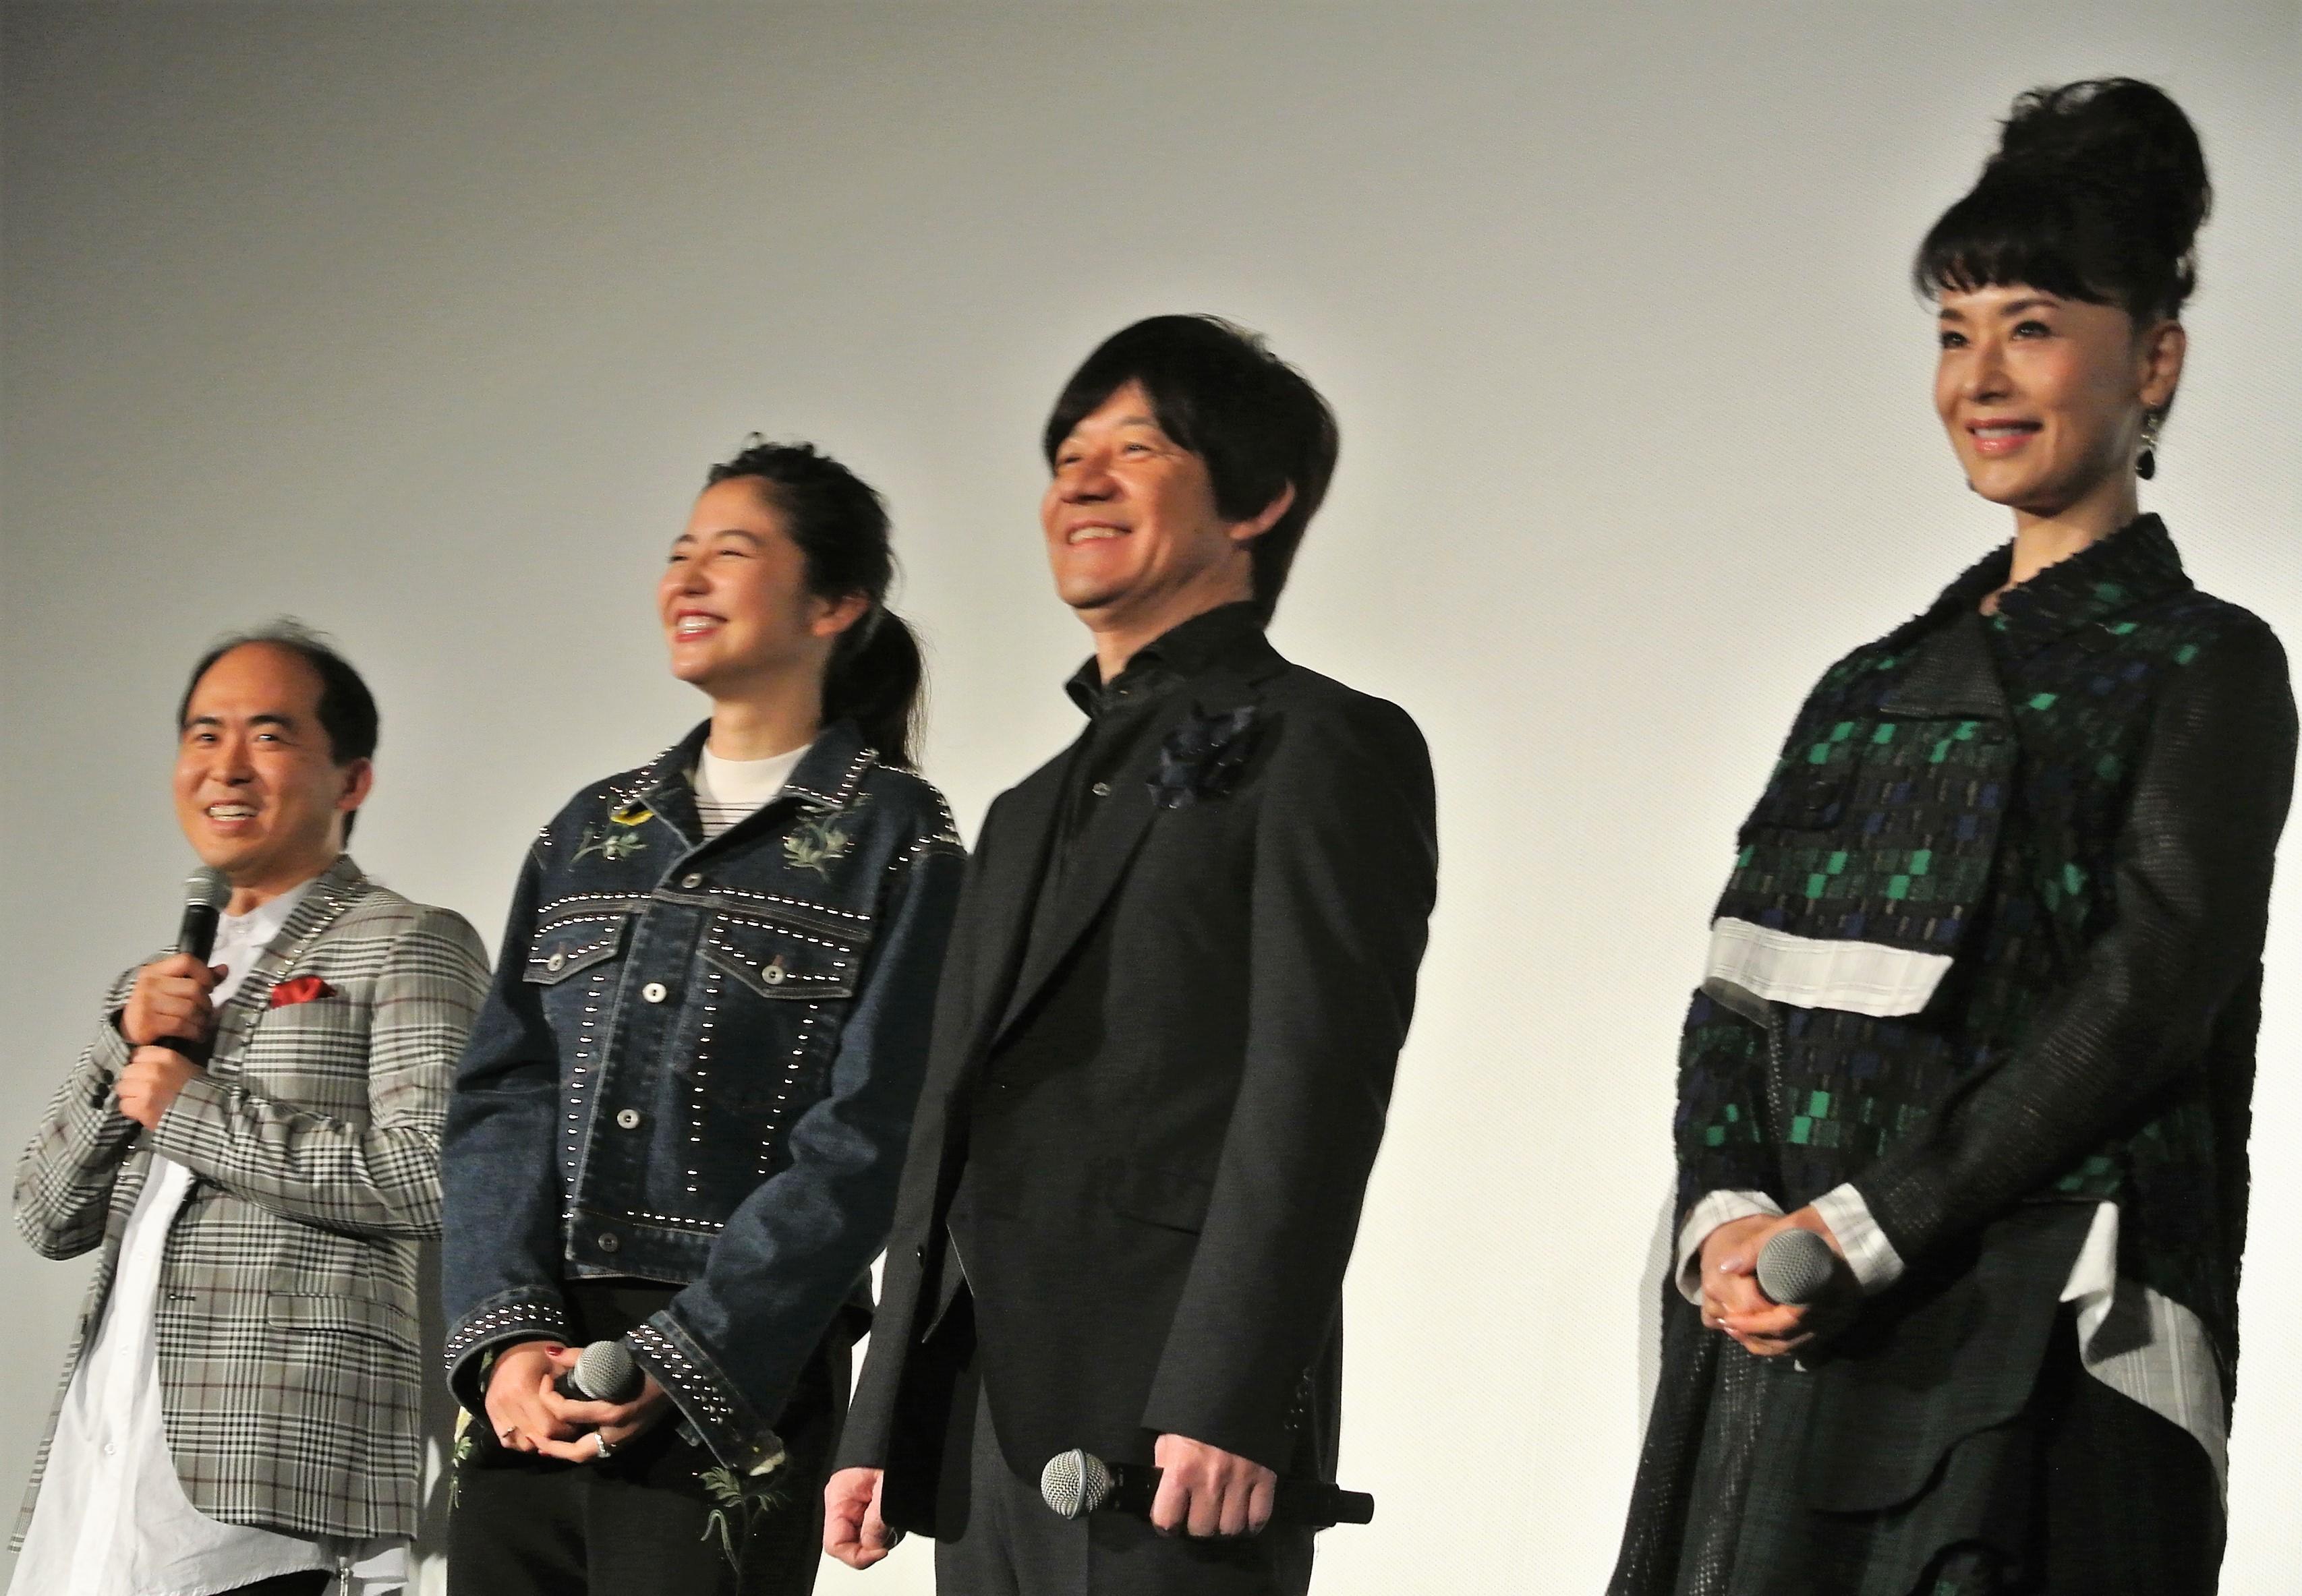 http://news.yoshimoto.co.jp/20170318134950-efd90b1cb62a5b682d8261358fbd33af1b8076b0.jpg